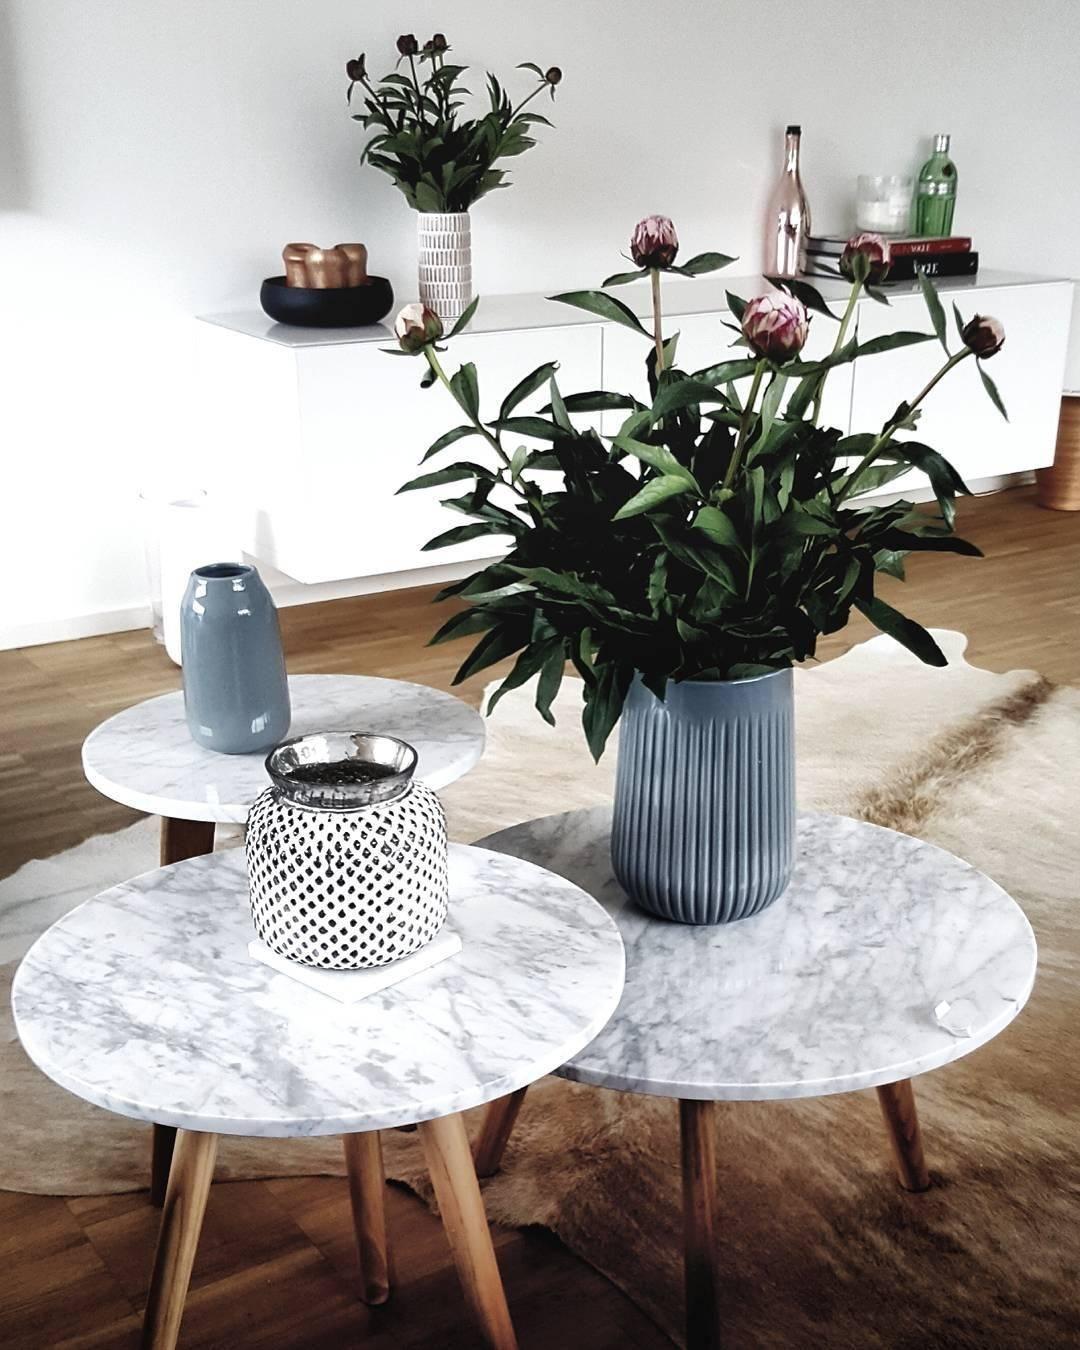 Good Einfache Dekoration Und Mobel Smarte Tische Die Mehr Koennen #8: Beistelltische In Eleganten Formen ▷ Bei WestwingNow